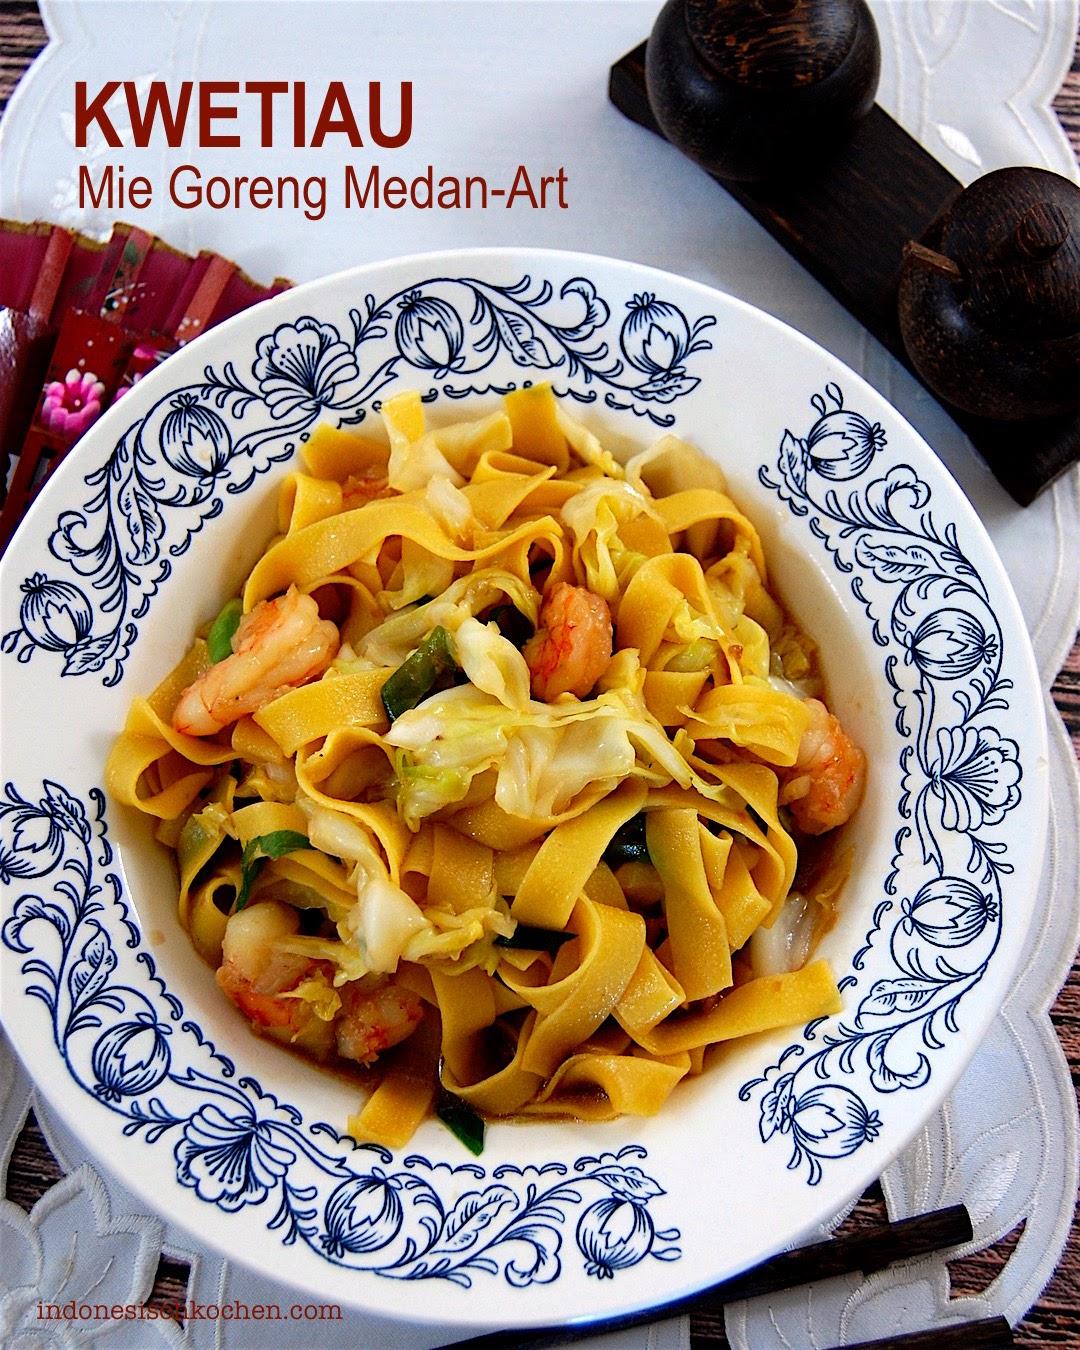 Rezept Mie Goreng Kwetiau nach Medan-Art indonesisch kochen